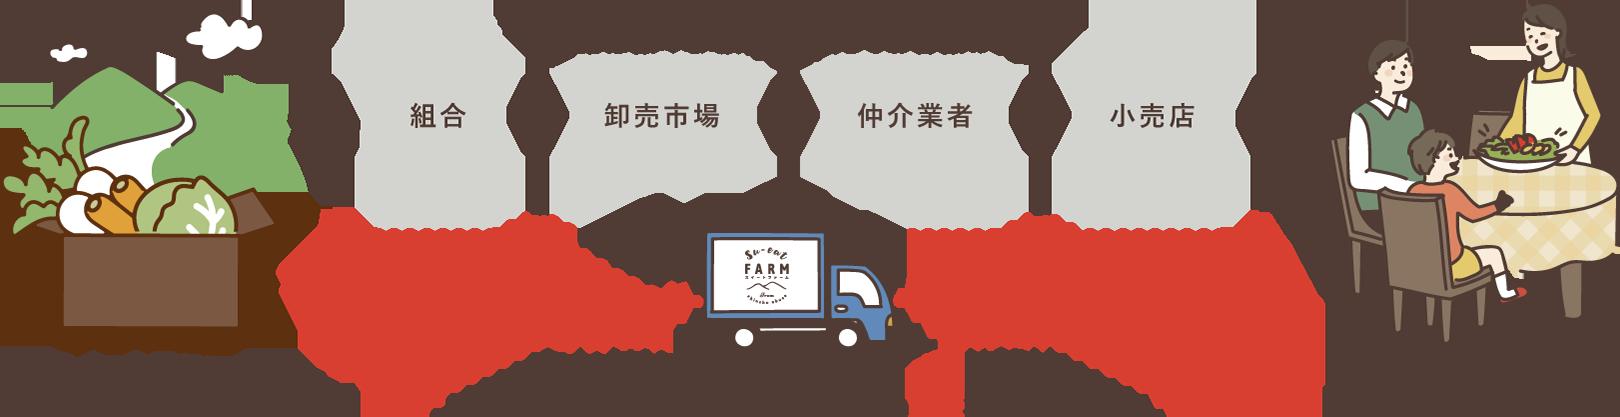 長野県のりんご通販|Su-eat Farm APPLE(スイートファーム・アップル)は生産農家から直接お届けいたします!